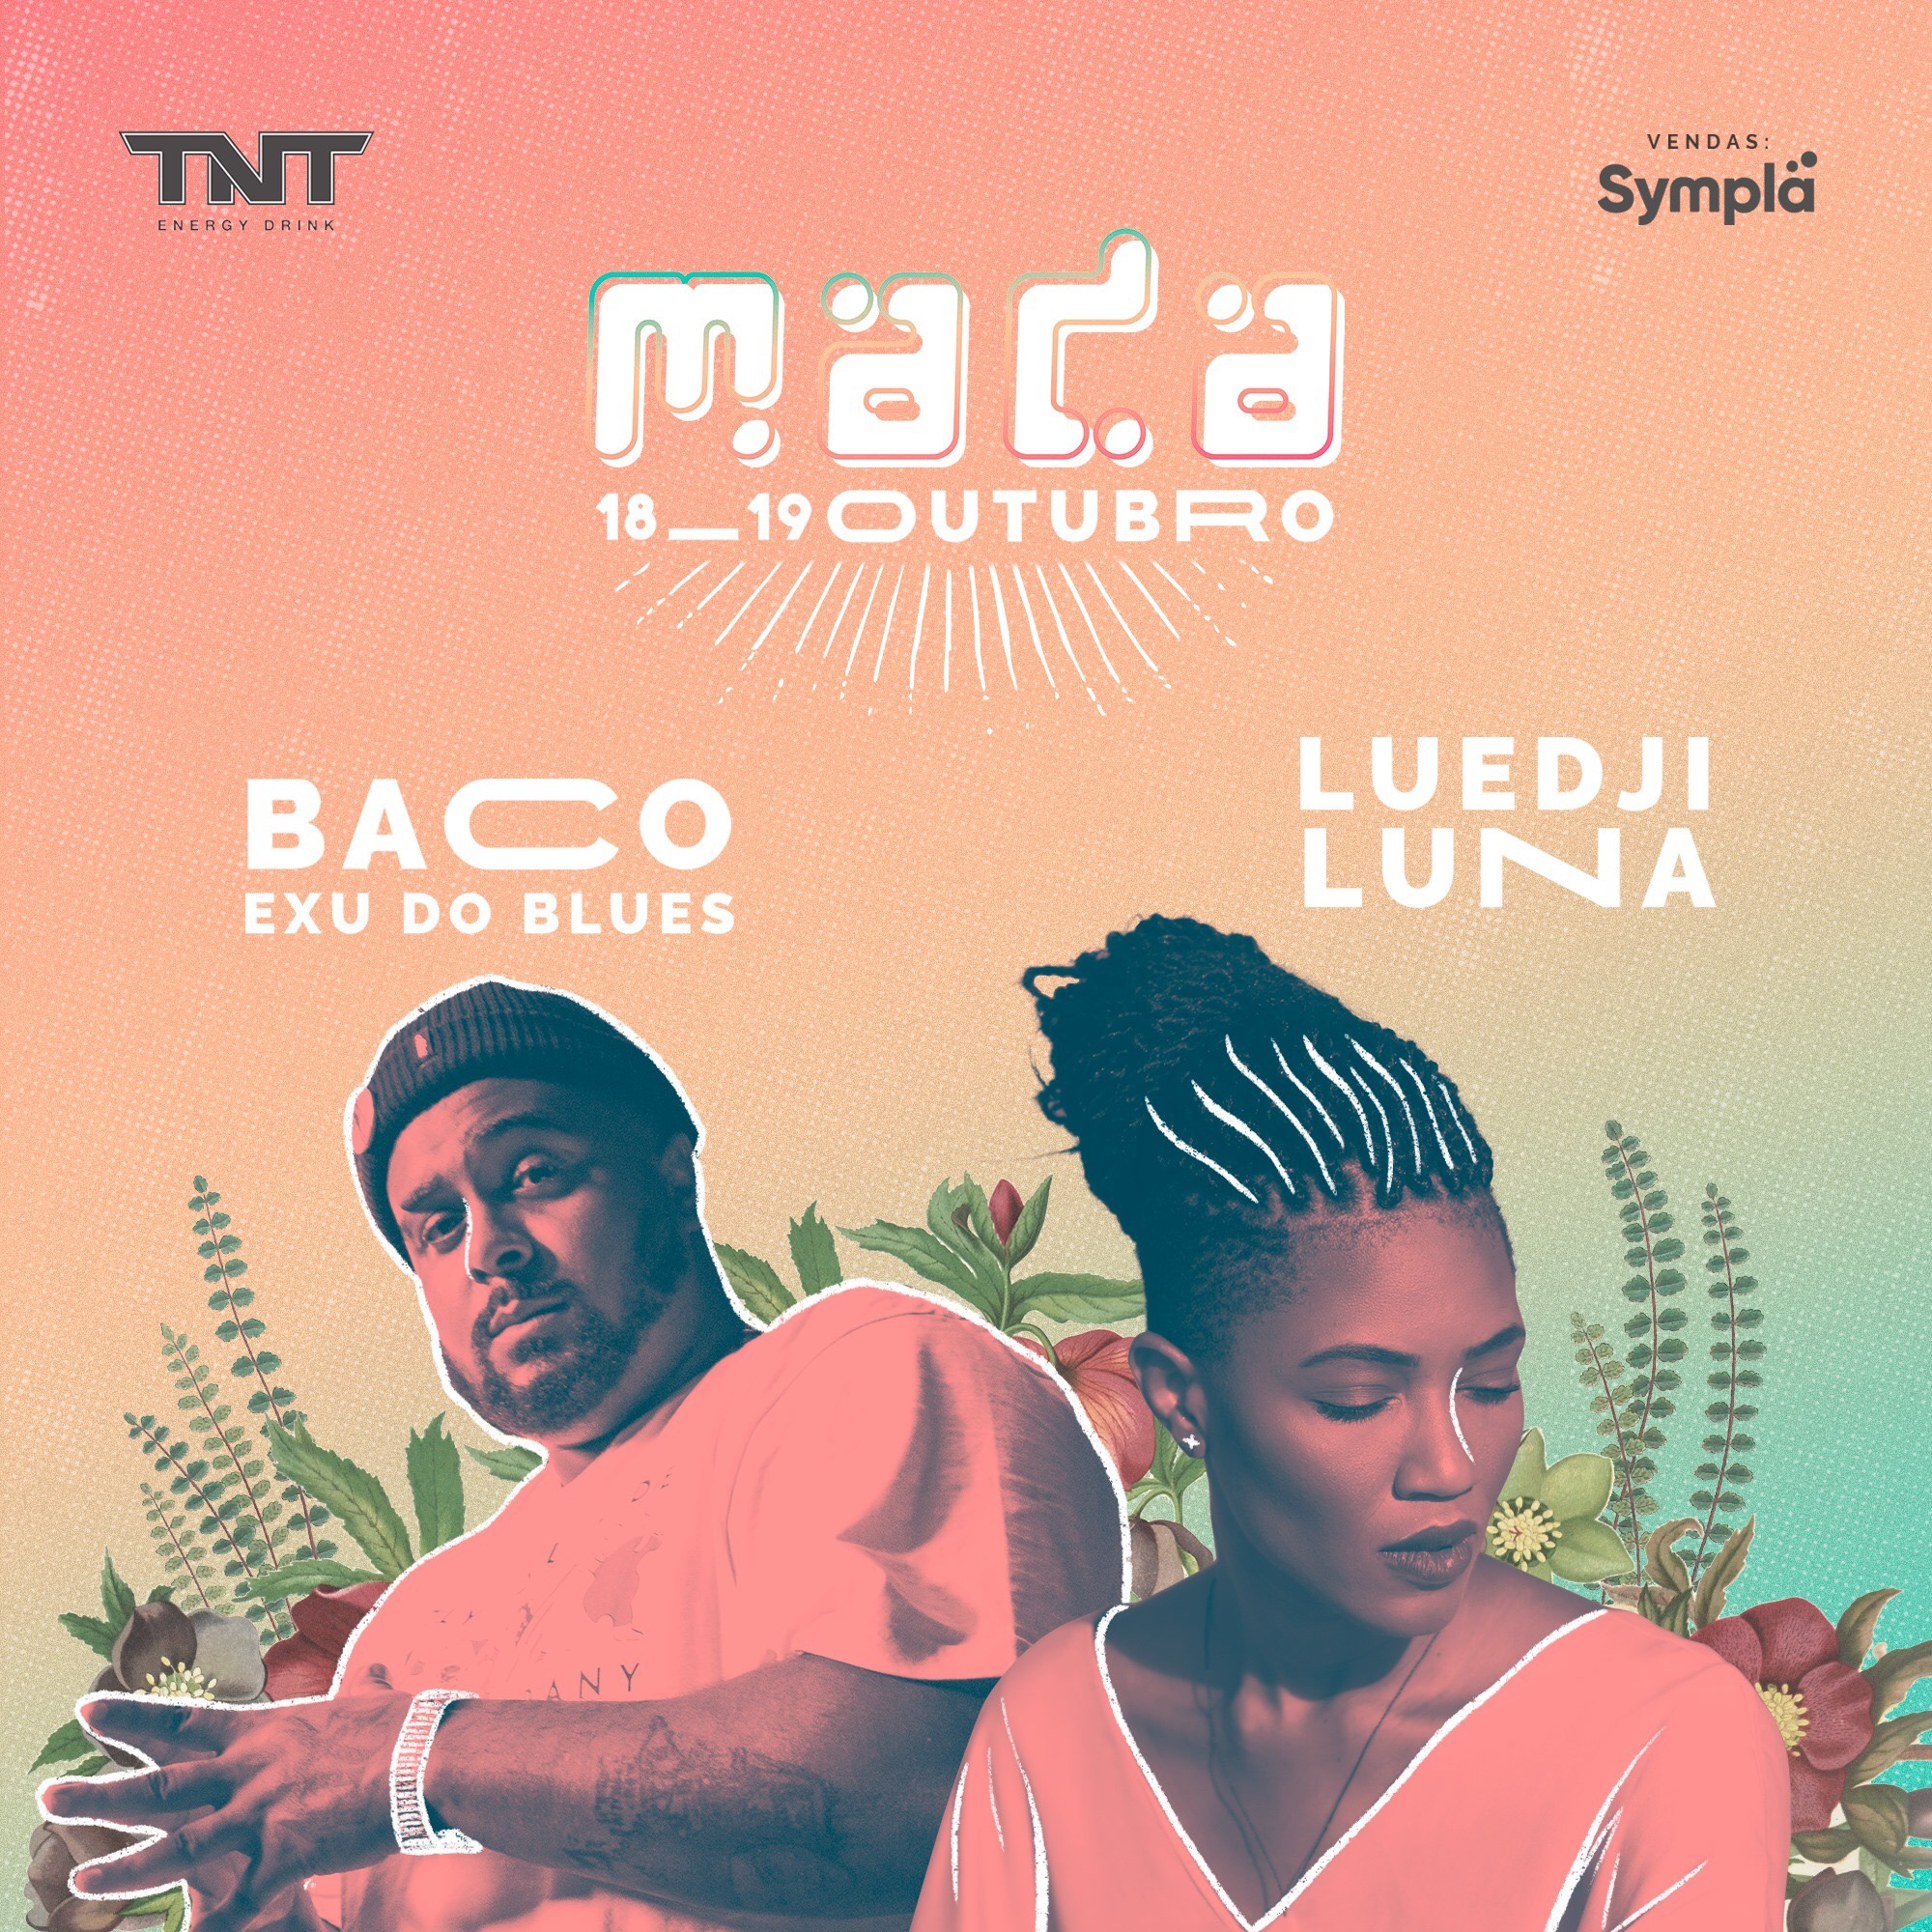 Baco Exu do Blues é a primeira atração confirmada no Mada 2019